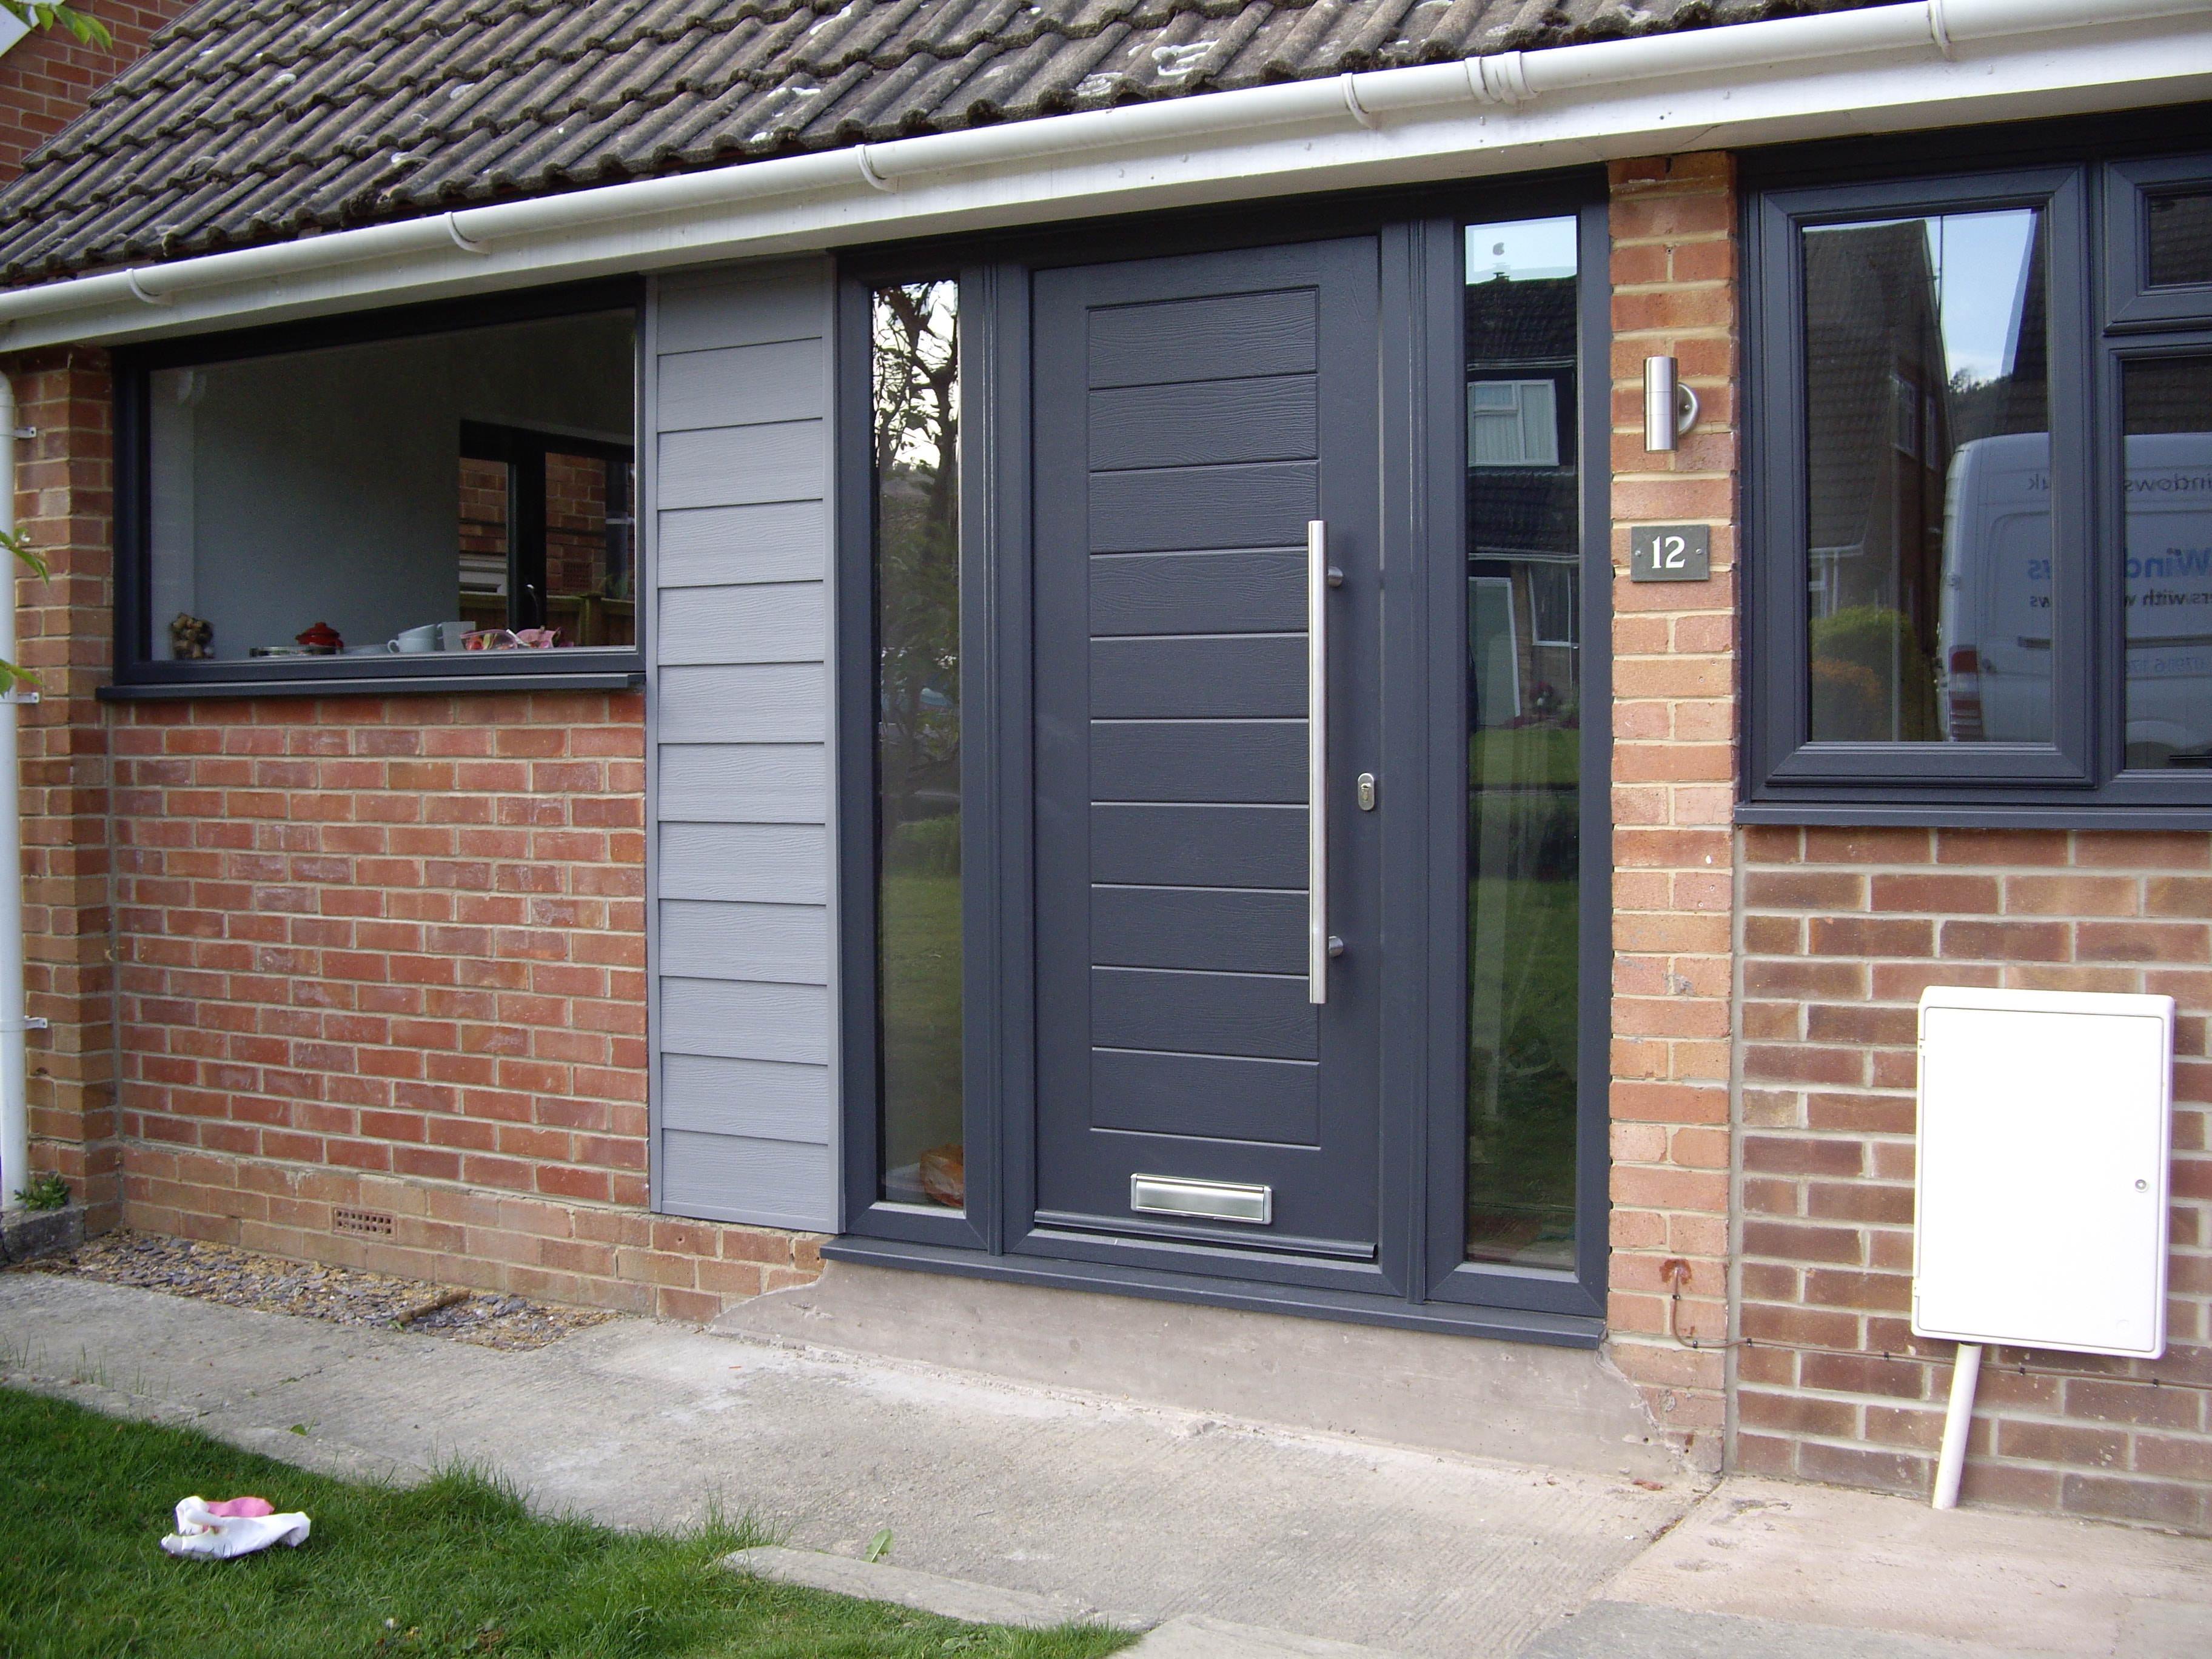 Composite Doors Vs uPVC Doors | Endurance Doors | Composite Doors ...